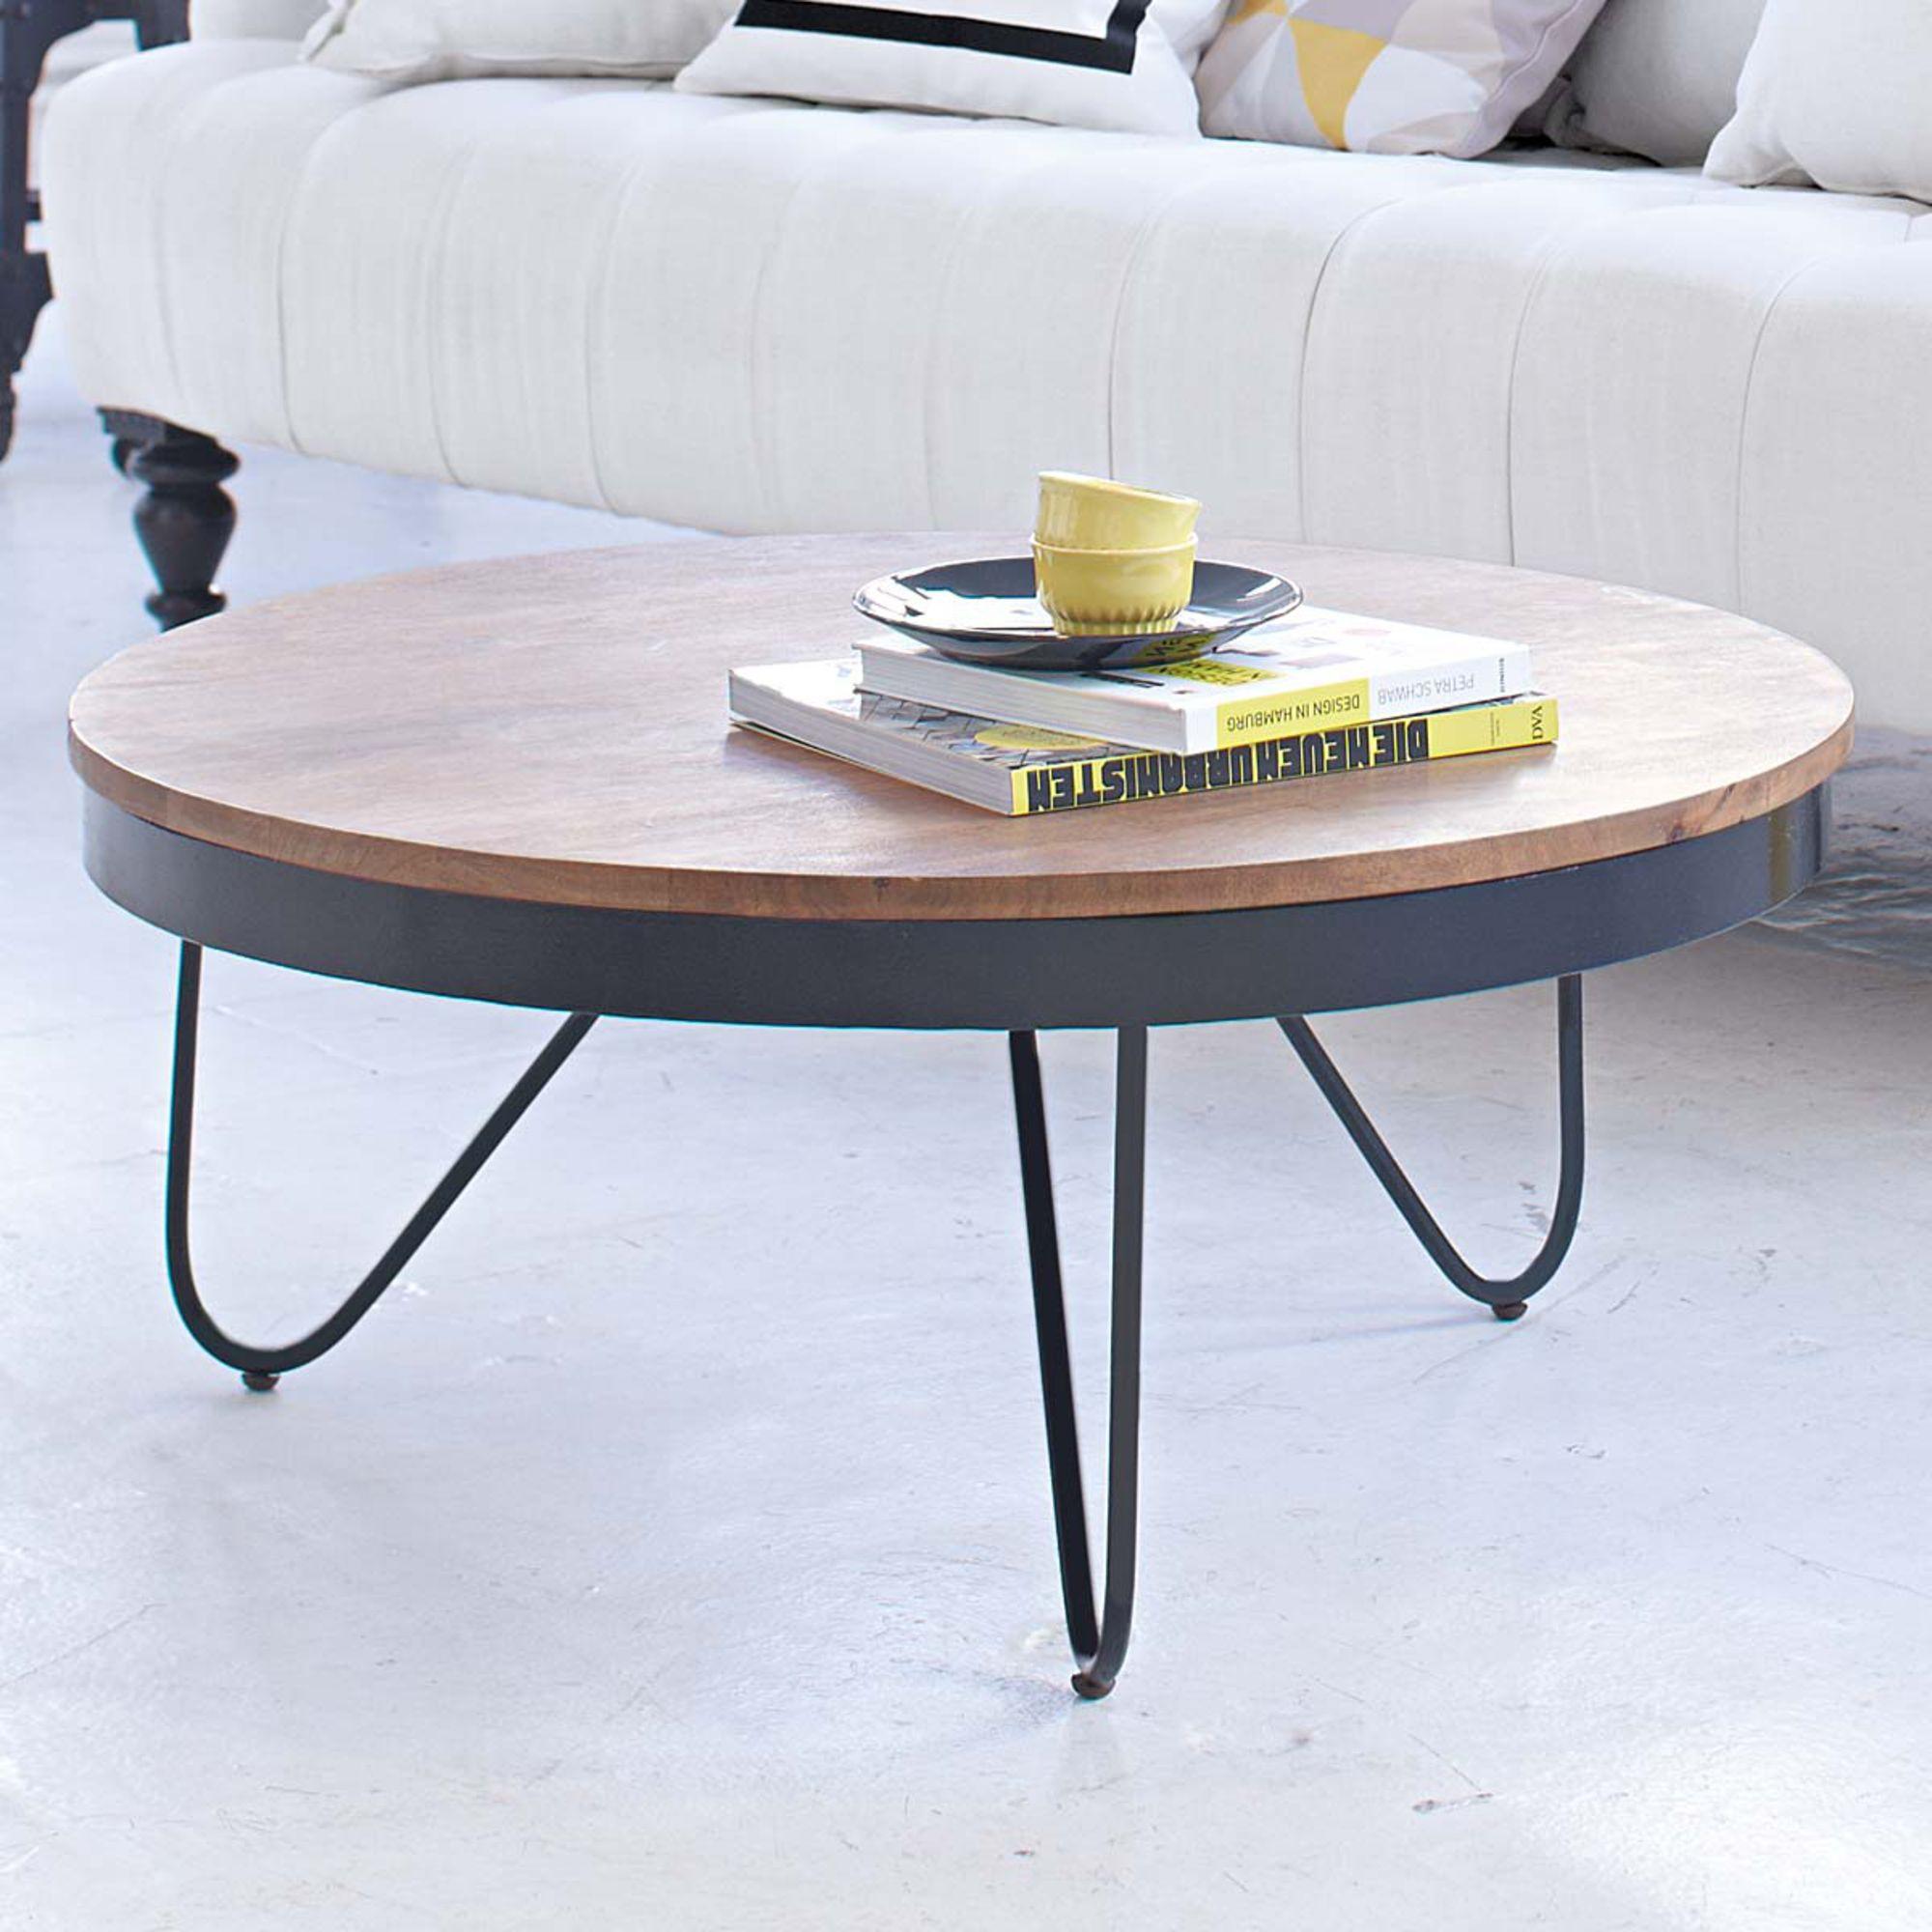 Vintage wohnzimmertisch couch table via impressionen  home maison casa  pinterest